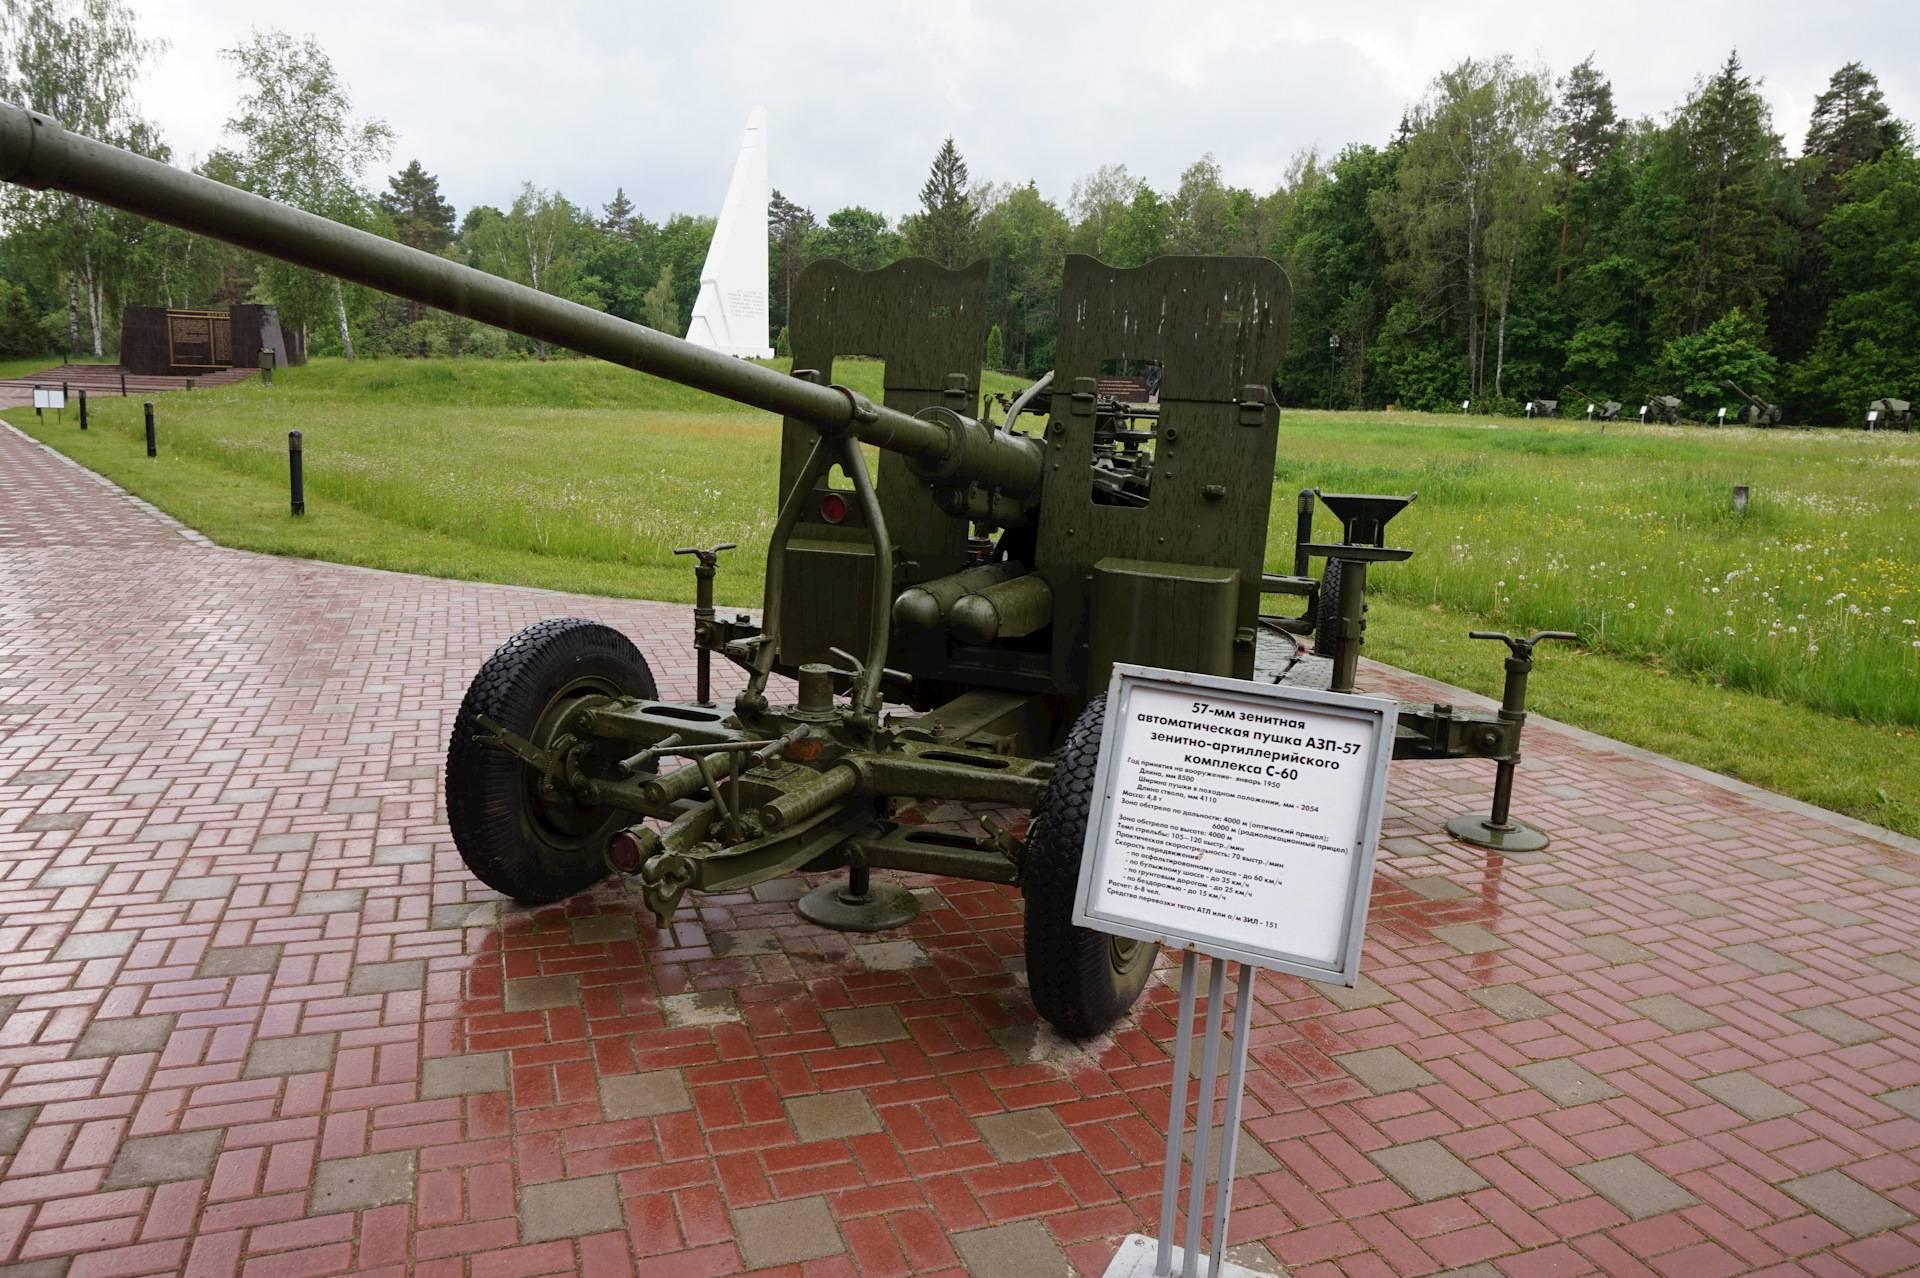 File:57-мм автоматическая зенитная пушка с-60 образца 1950 года (2).jpg